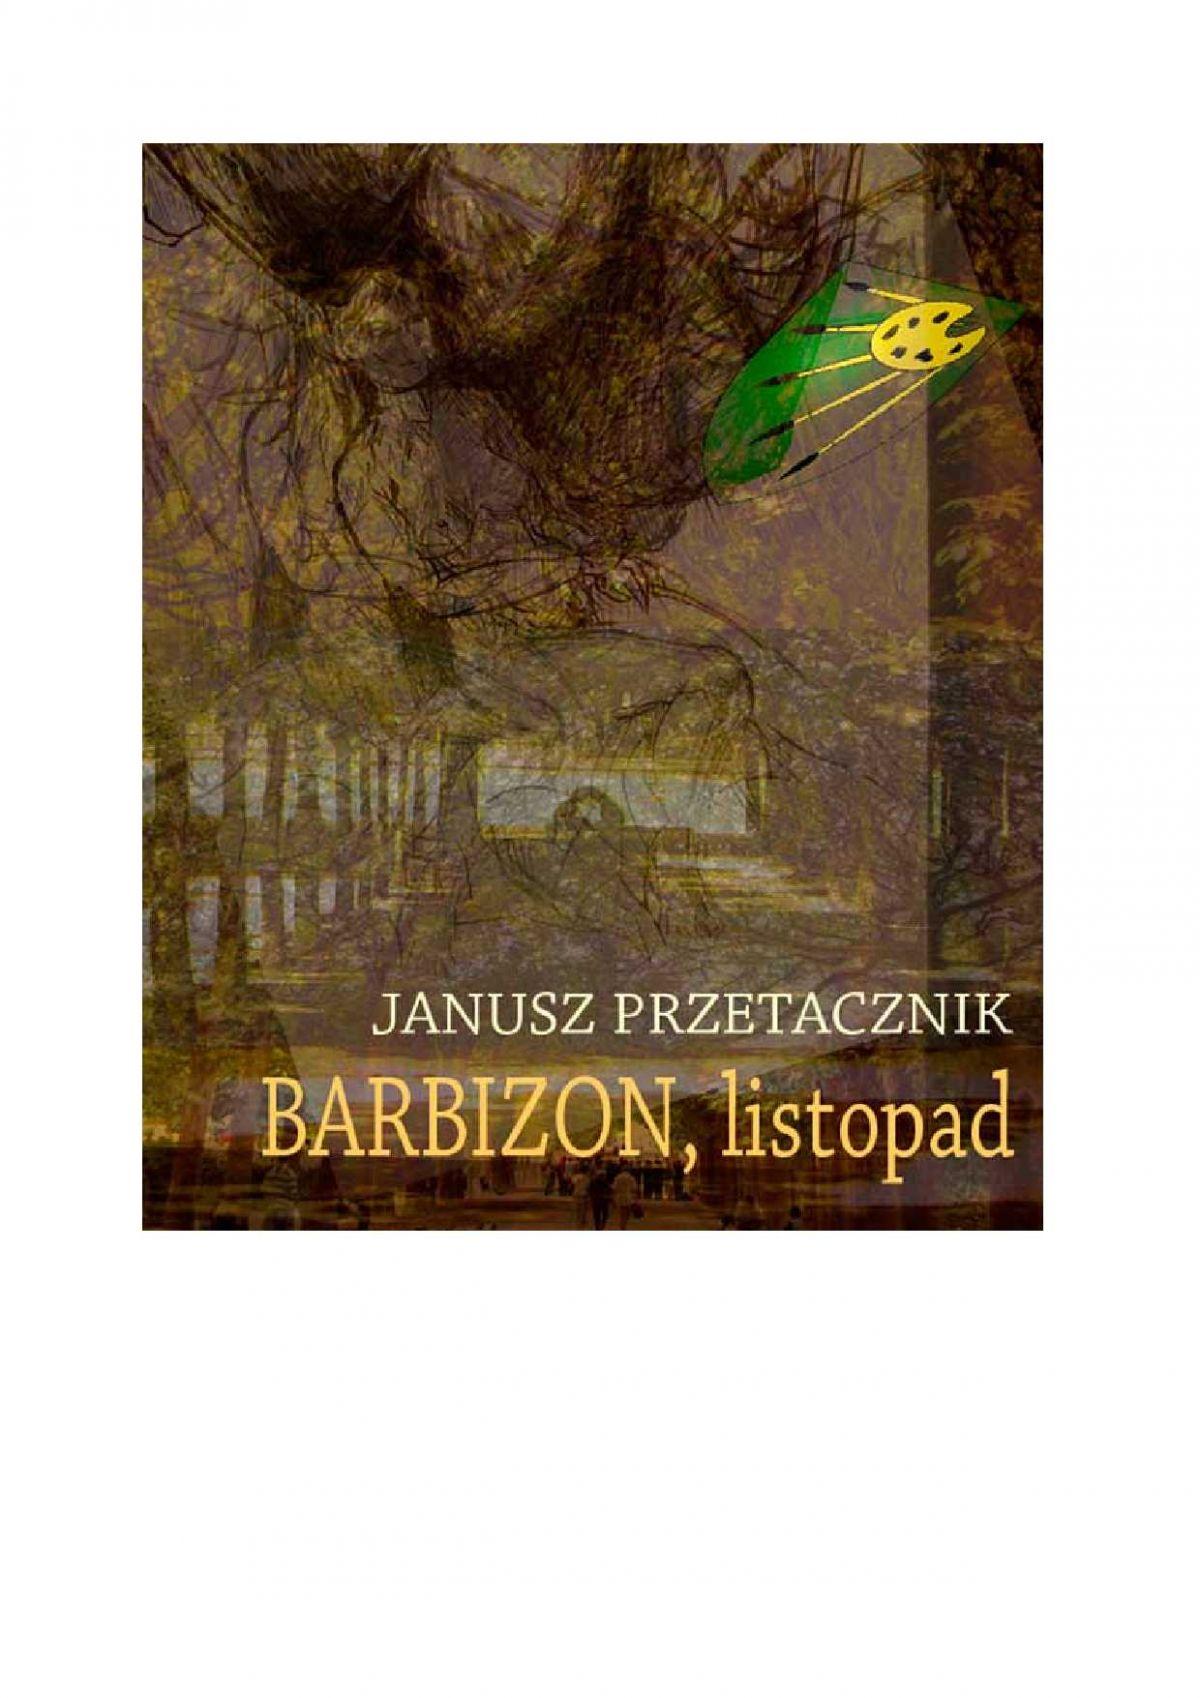 Barbizon, listopad - Ebook (Książka EPUB) do pobrania w formacie EPUB